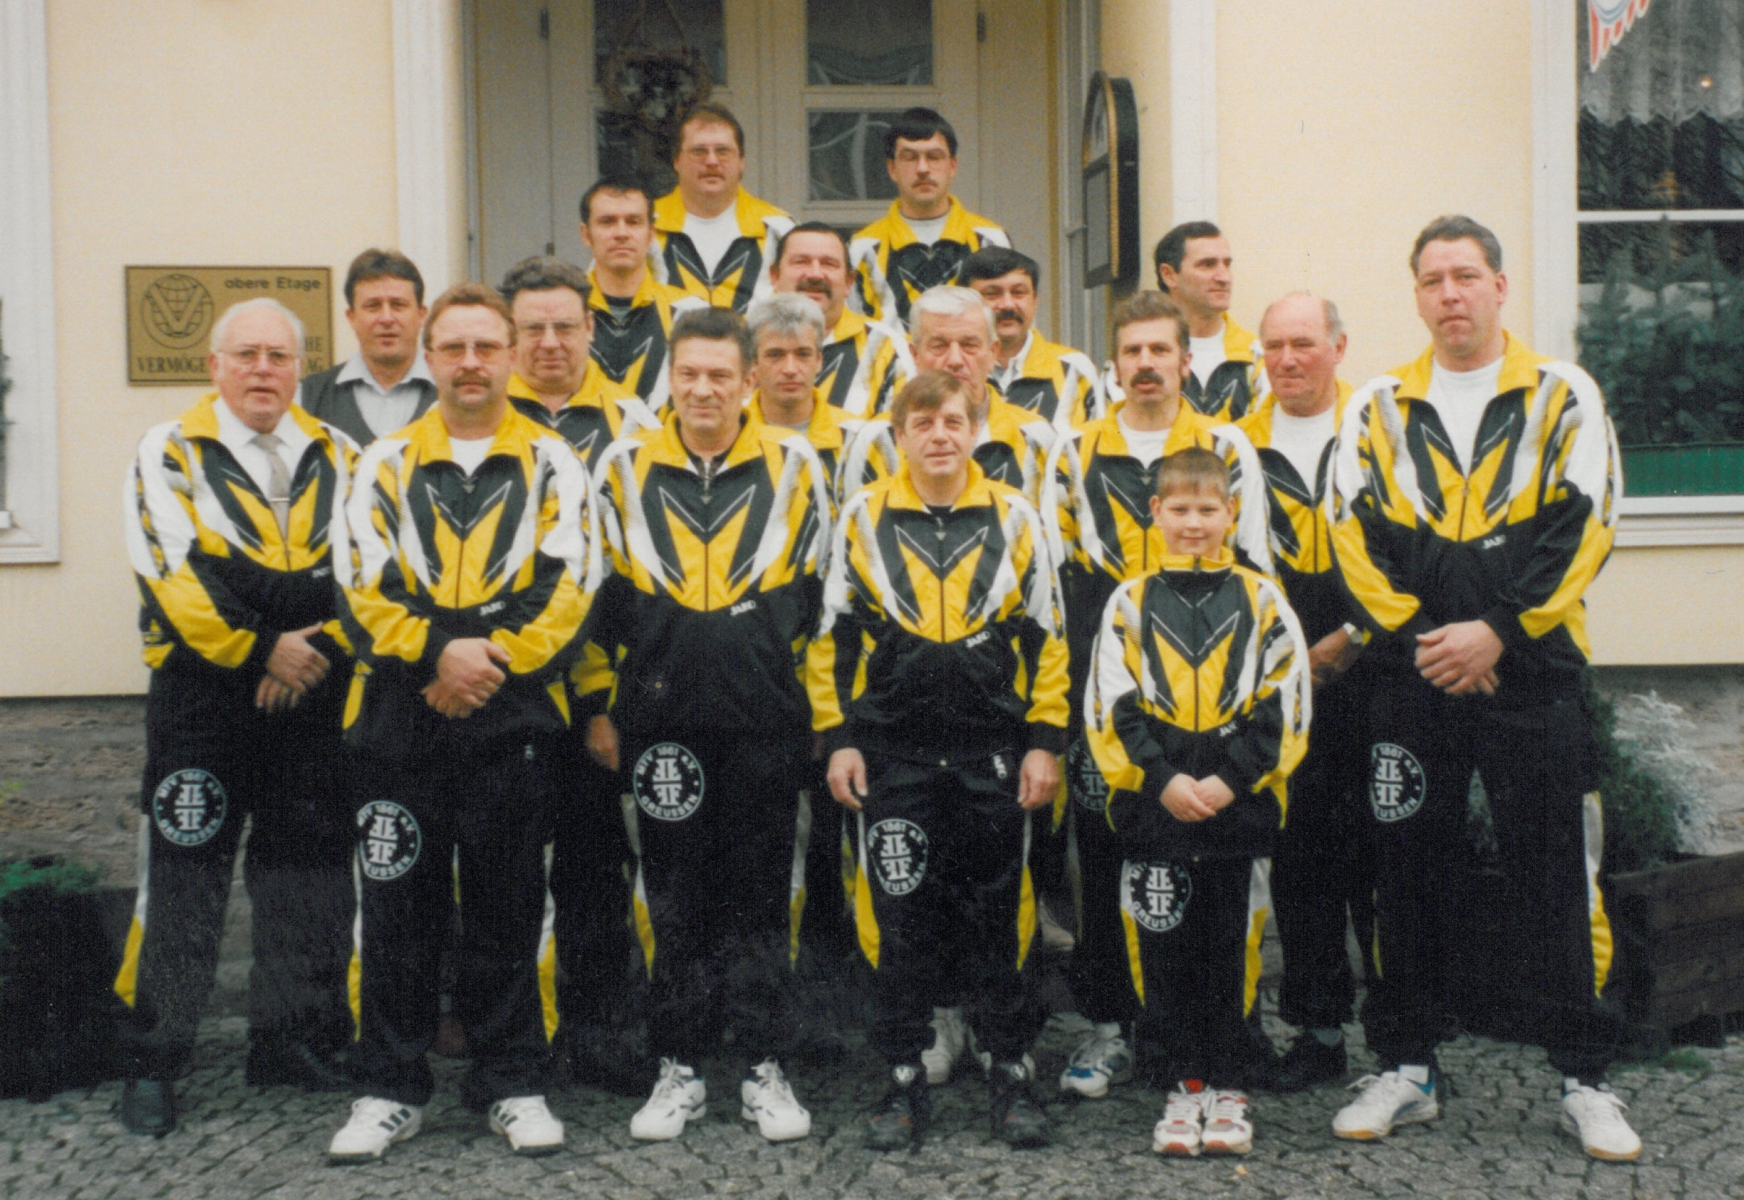 1998-Verein-mit-Sponsor